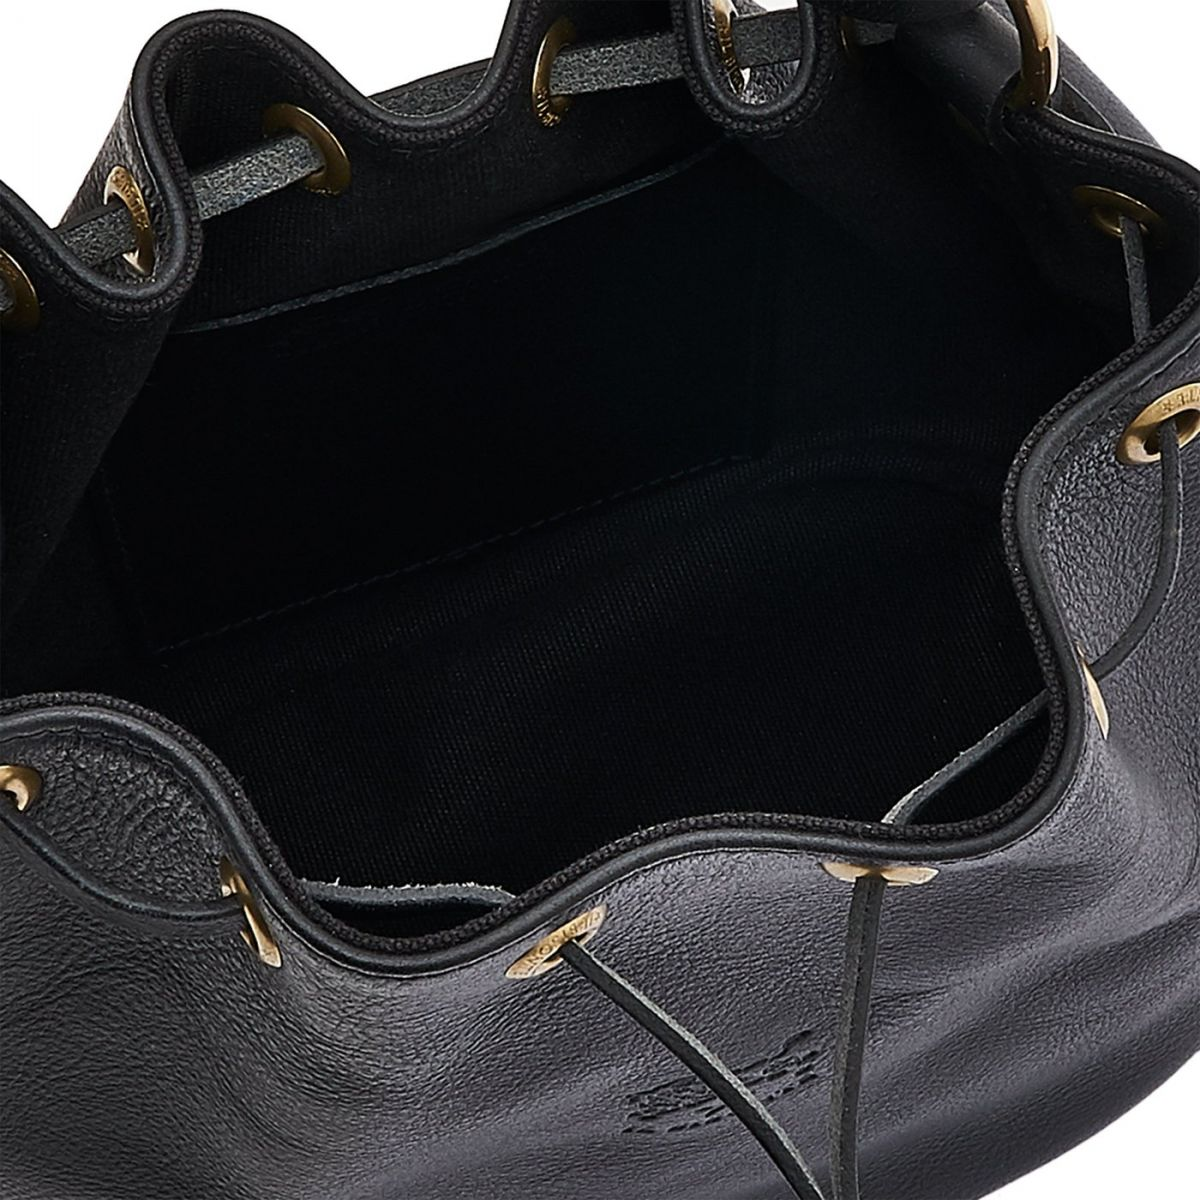 Sac Seau pour Femme en Cuir De Vachette Doublé BBU001 couleur Noir | Details